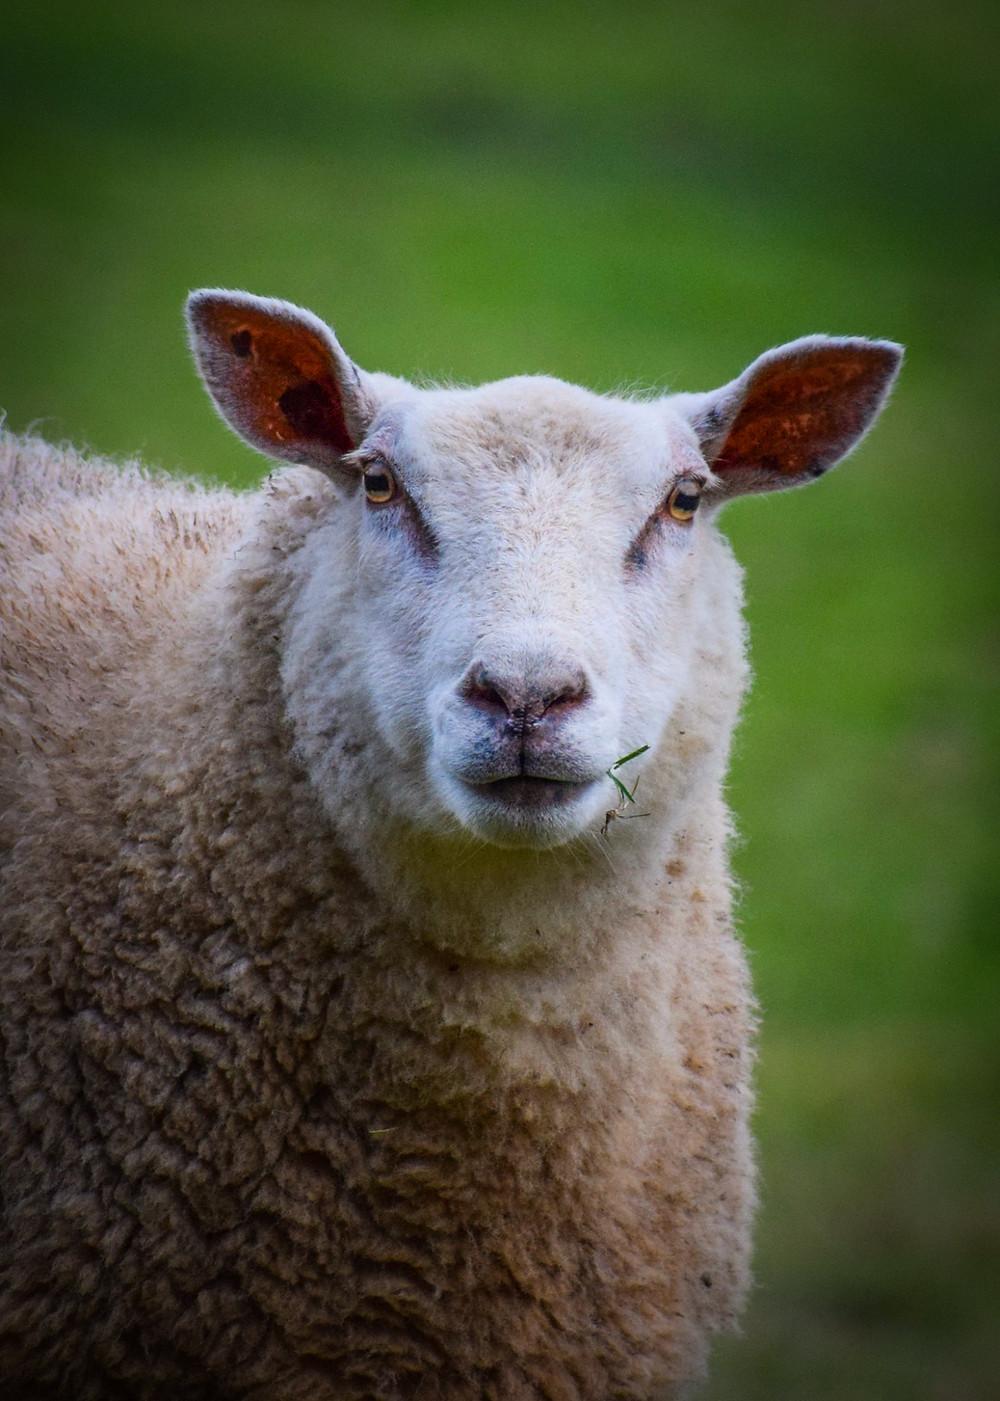 Somerset cool, Somerset sheep, Somerset blogger, Somerset photos, picture Somerset